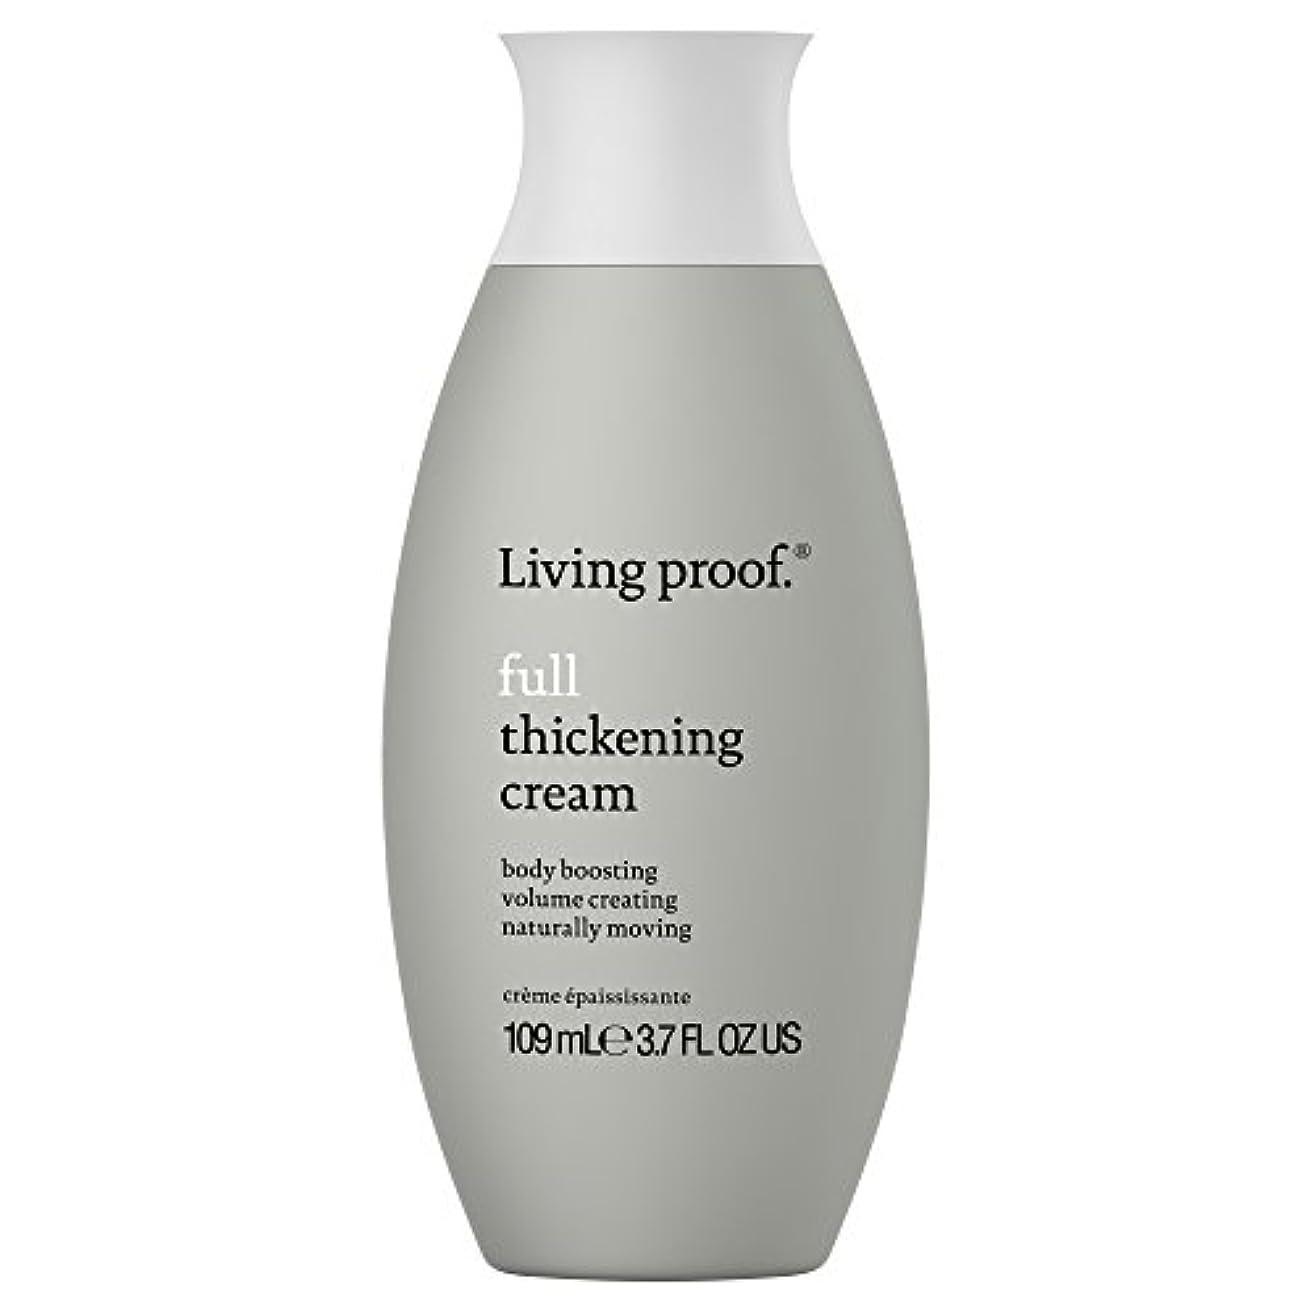 甘美な血アデレード生きている証拠フル肥厚クリーム109ミリリットル (Living Proof) (x6) - Living Proof Full Thickening Cream 109ml (Pack of 6) [並行輸入品]